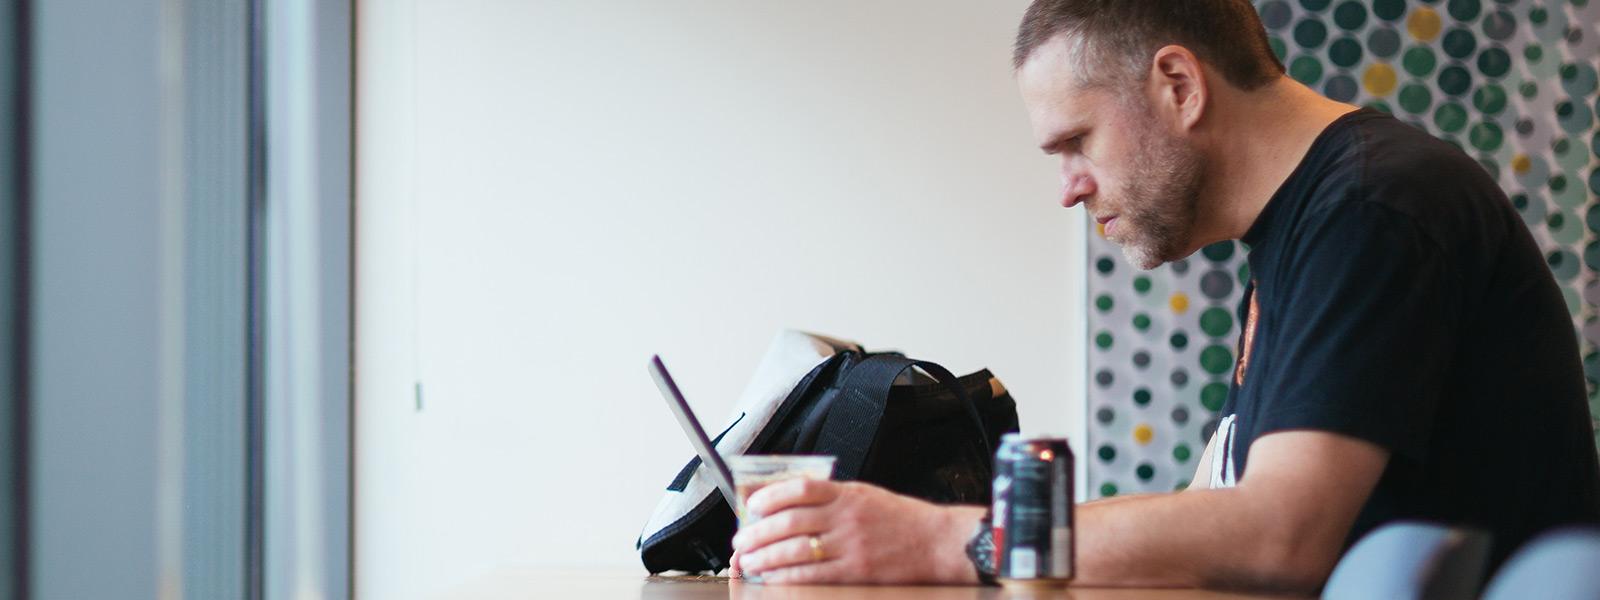 Muž sedící u stolu a pracující na svém počítači s Windows 10